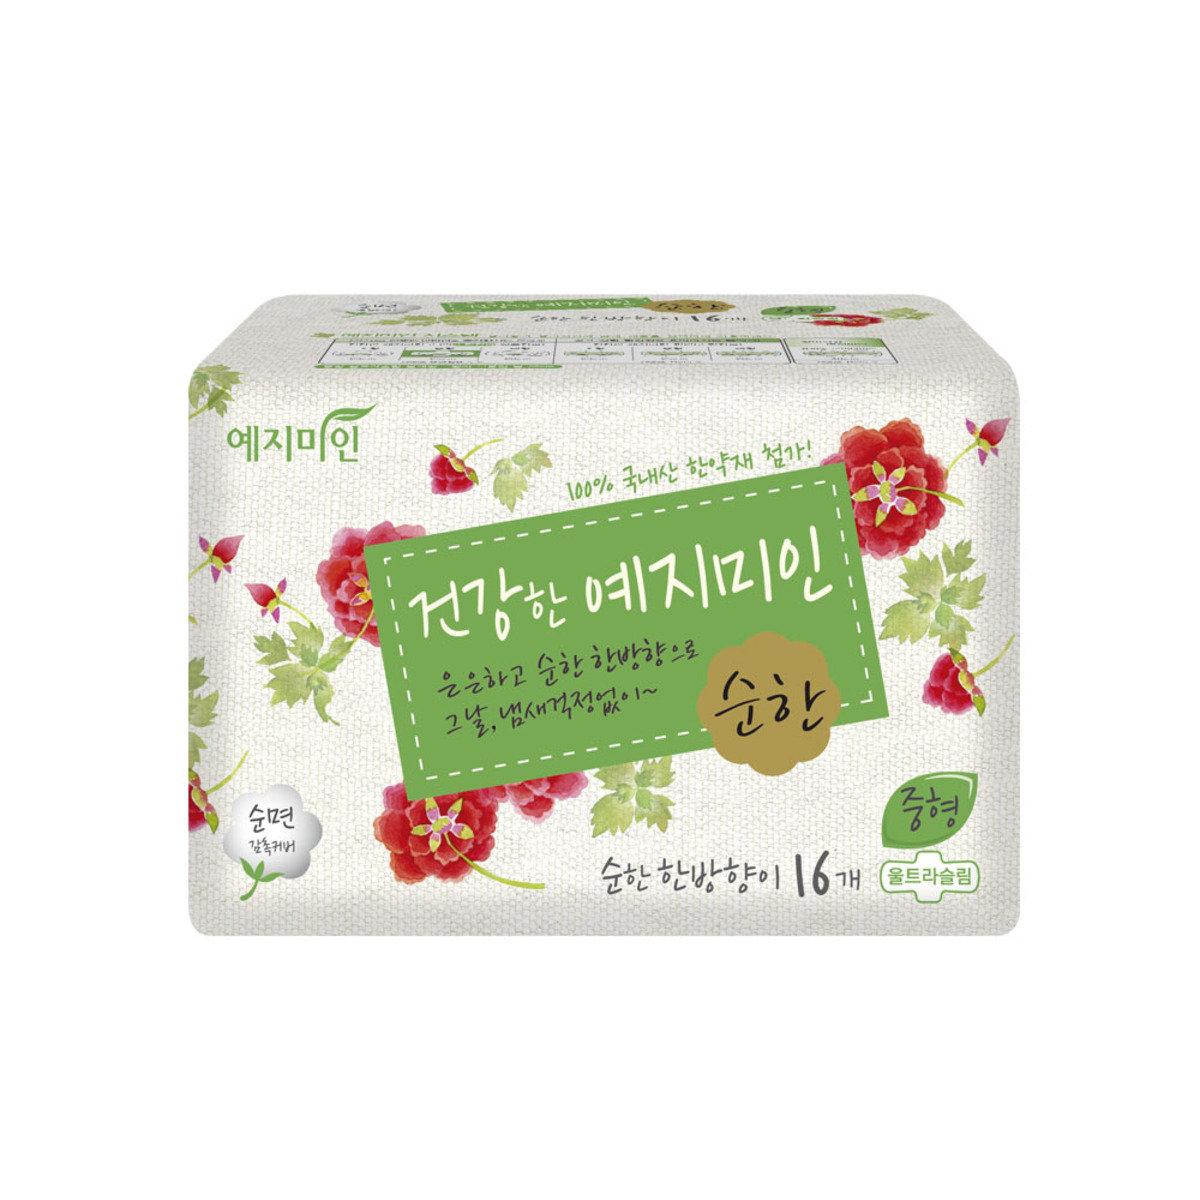 韓國漢方衛生巾 - 棉柔淡香 23CM 16片裝